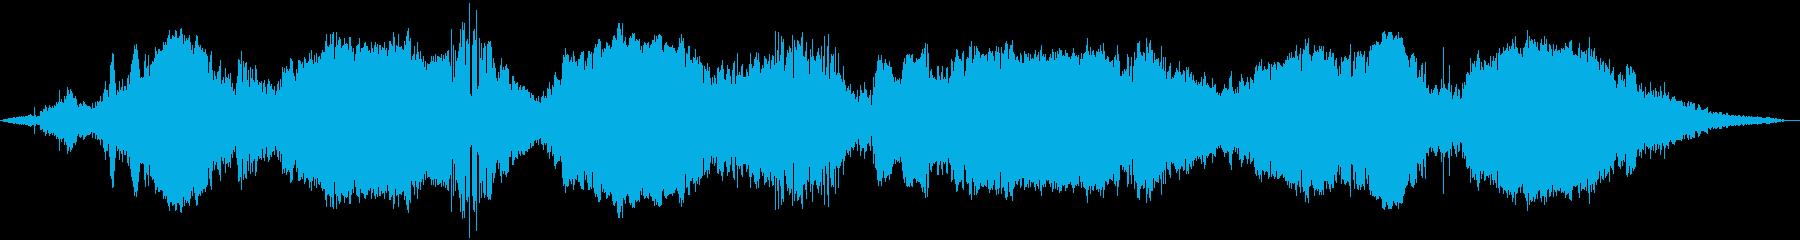 GTSシリーズカー:ヘアピンターン...の再生済みの波形